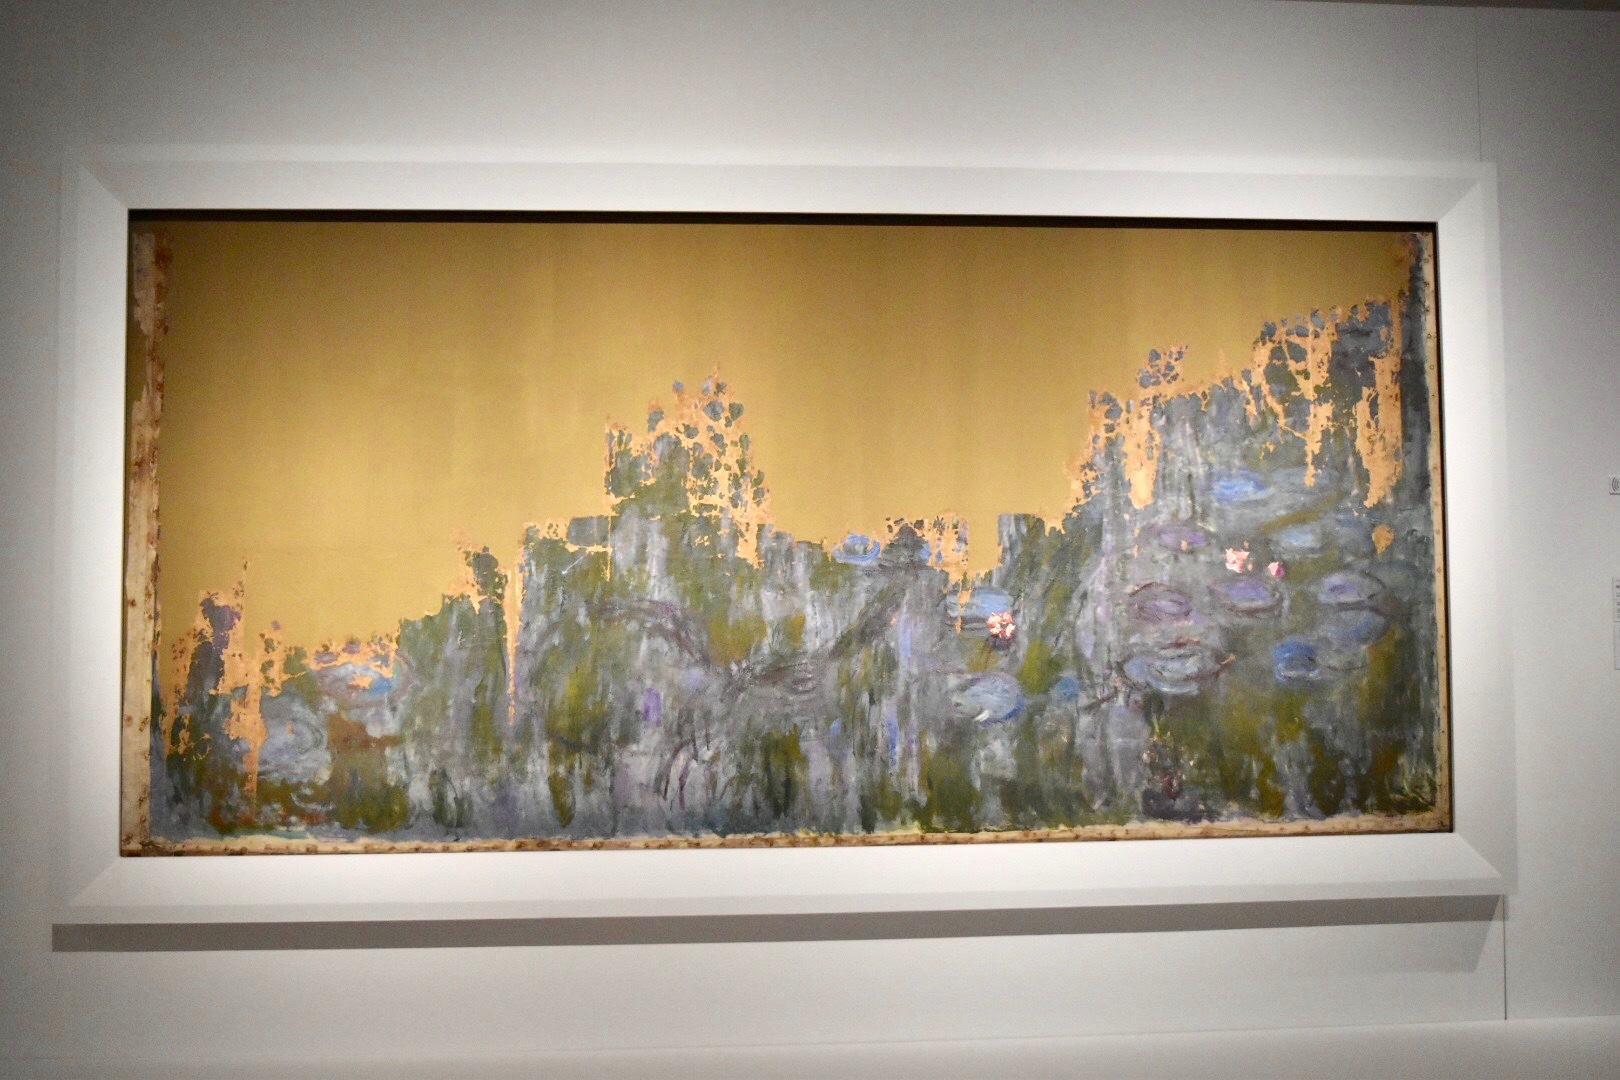 クロード・モネ 《睡蓮、柳の反映》 1916年 国立西洋美術館蔵(松方幸次郎氏御遺族より寄贈)